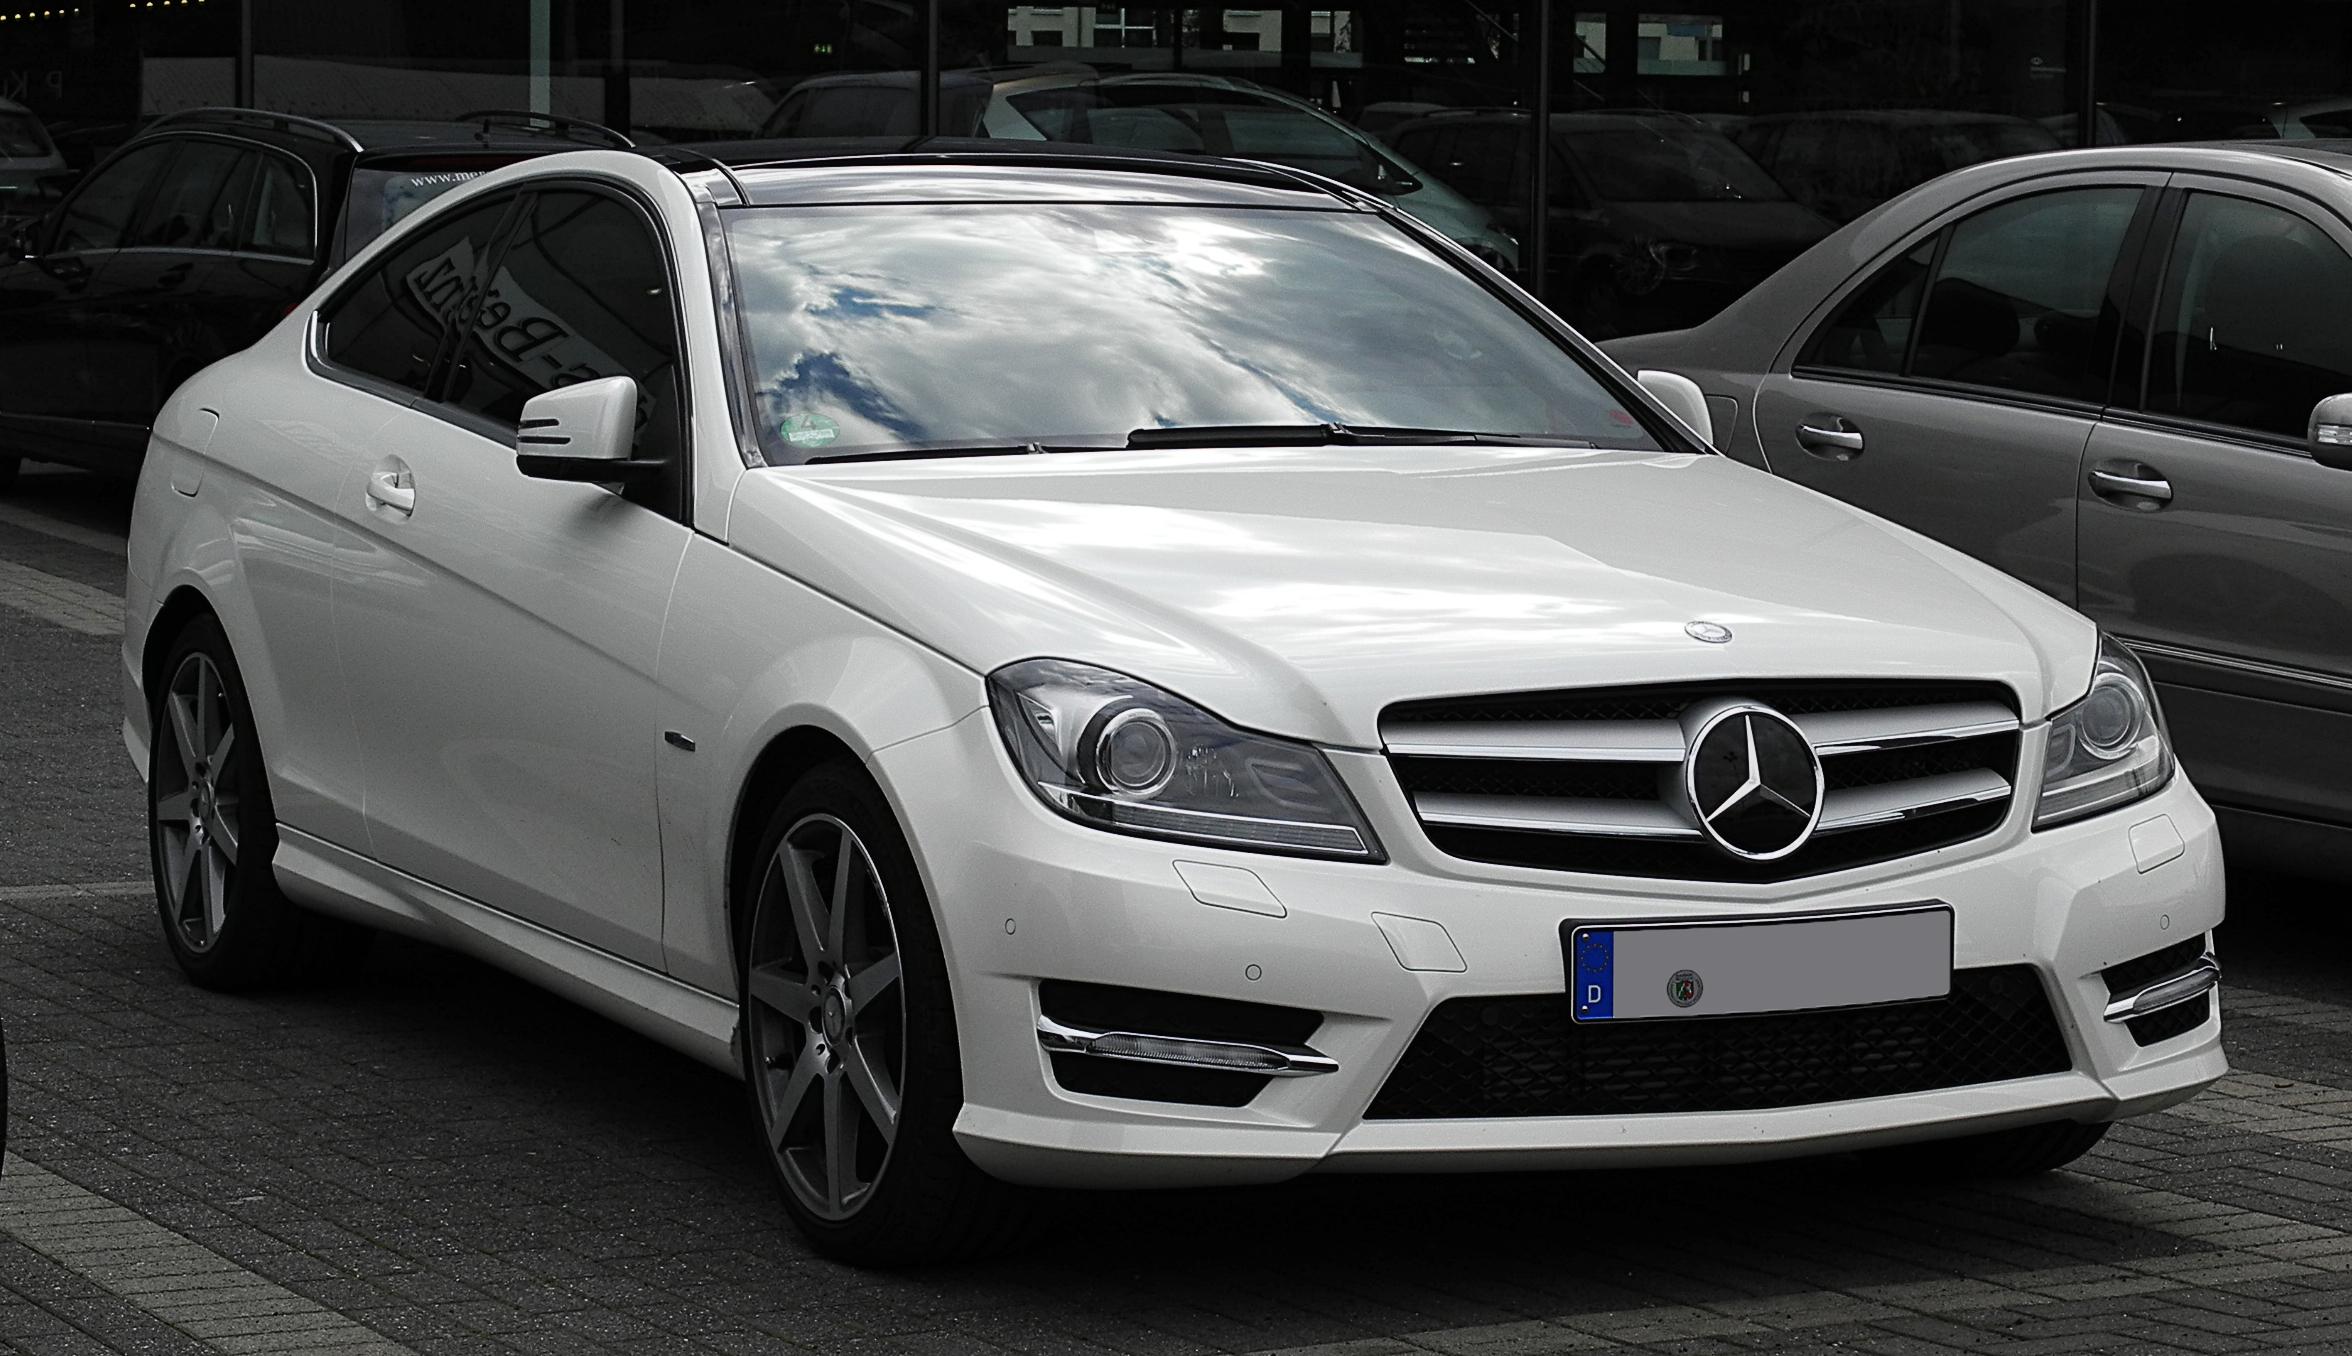 Brendovi  Mercedes-Benz_C_250_CDI_BlueEFFICIENCY_Coup%C3%A9_Edition_1_(C_204)_%E2%80%93_Frontansicht,_2._Juli_2011,_D%C3%BCsseldorf